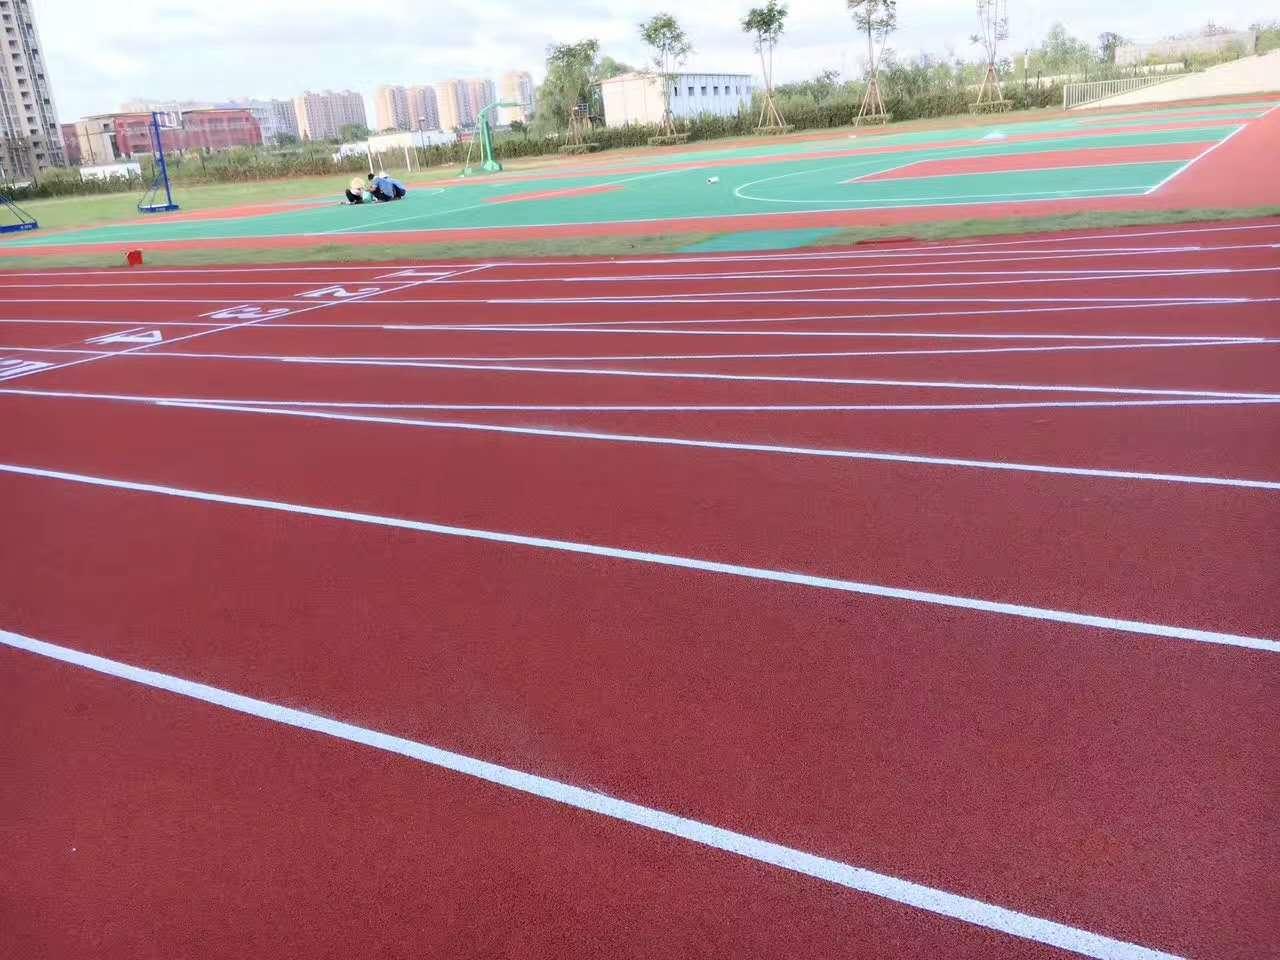 寧波外國語學校新國標塑膠跑道